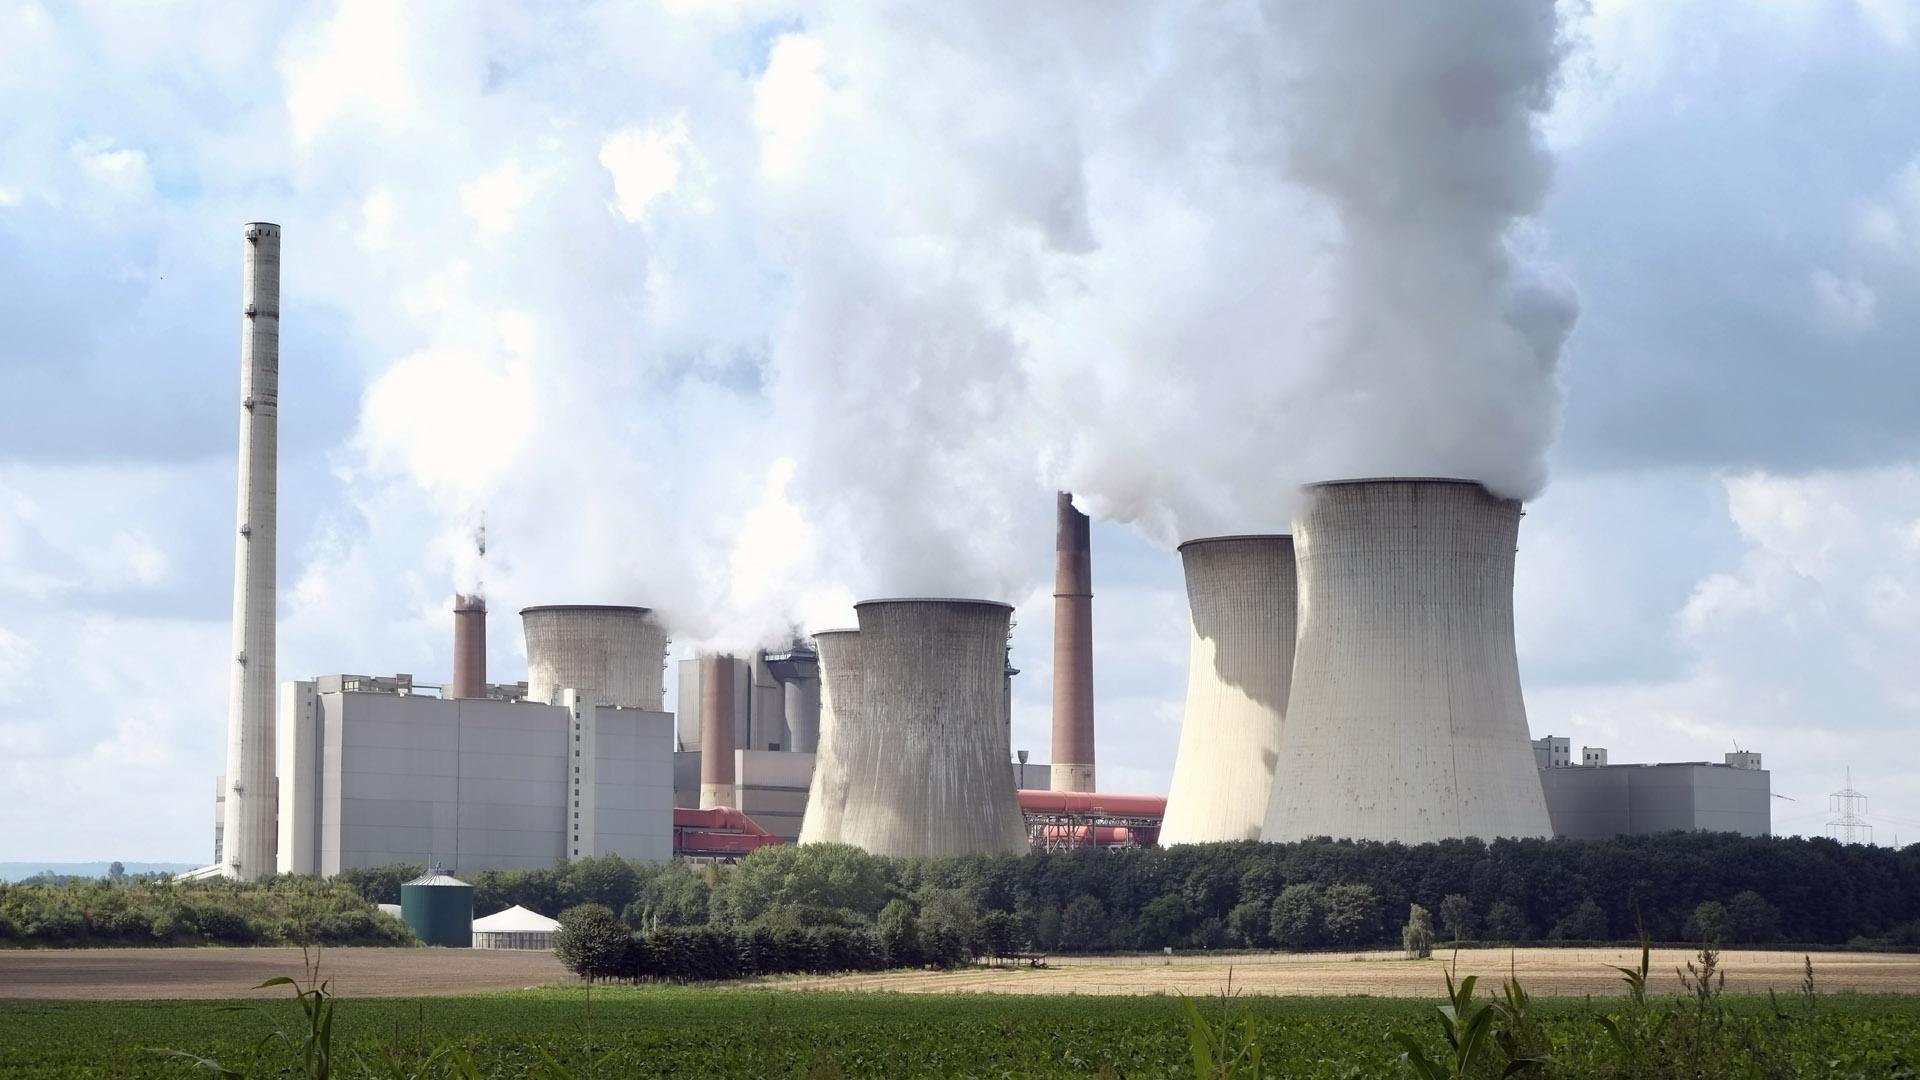 El país suramericano presentará su propuesta en la Conferencia Internacional sobre Cambio Climático (COP 21)